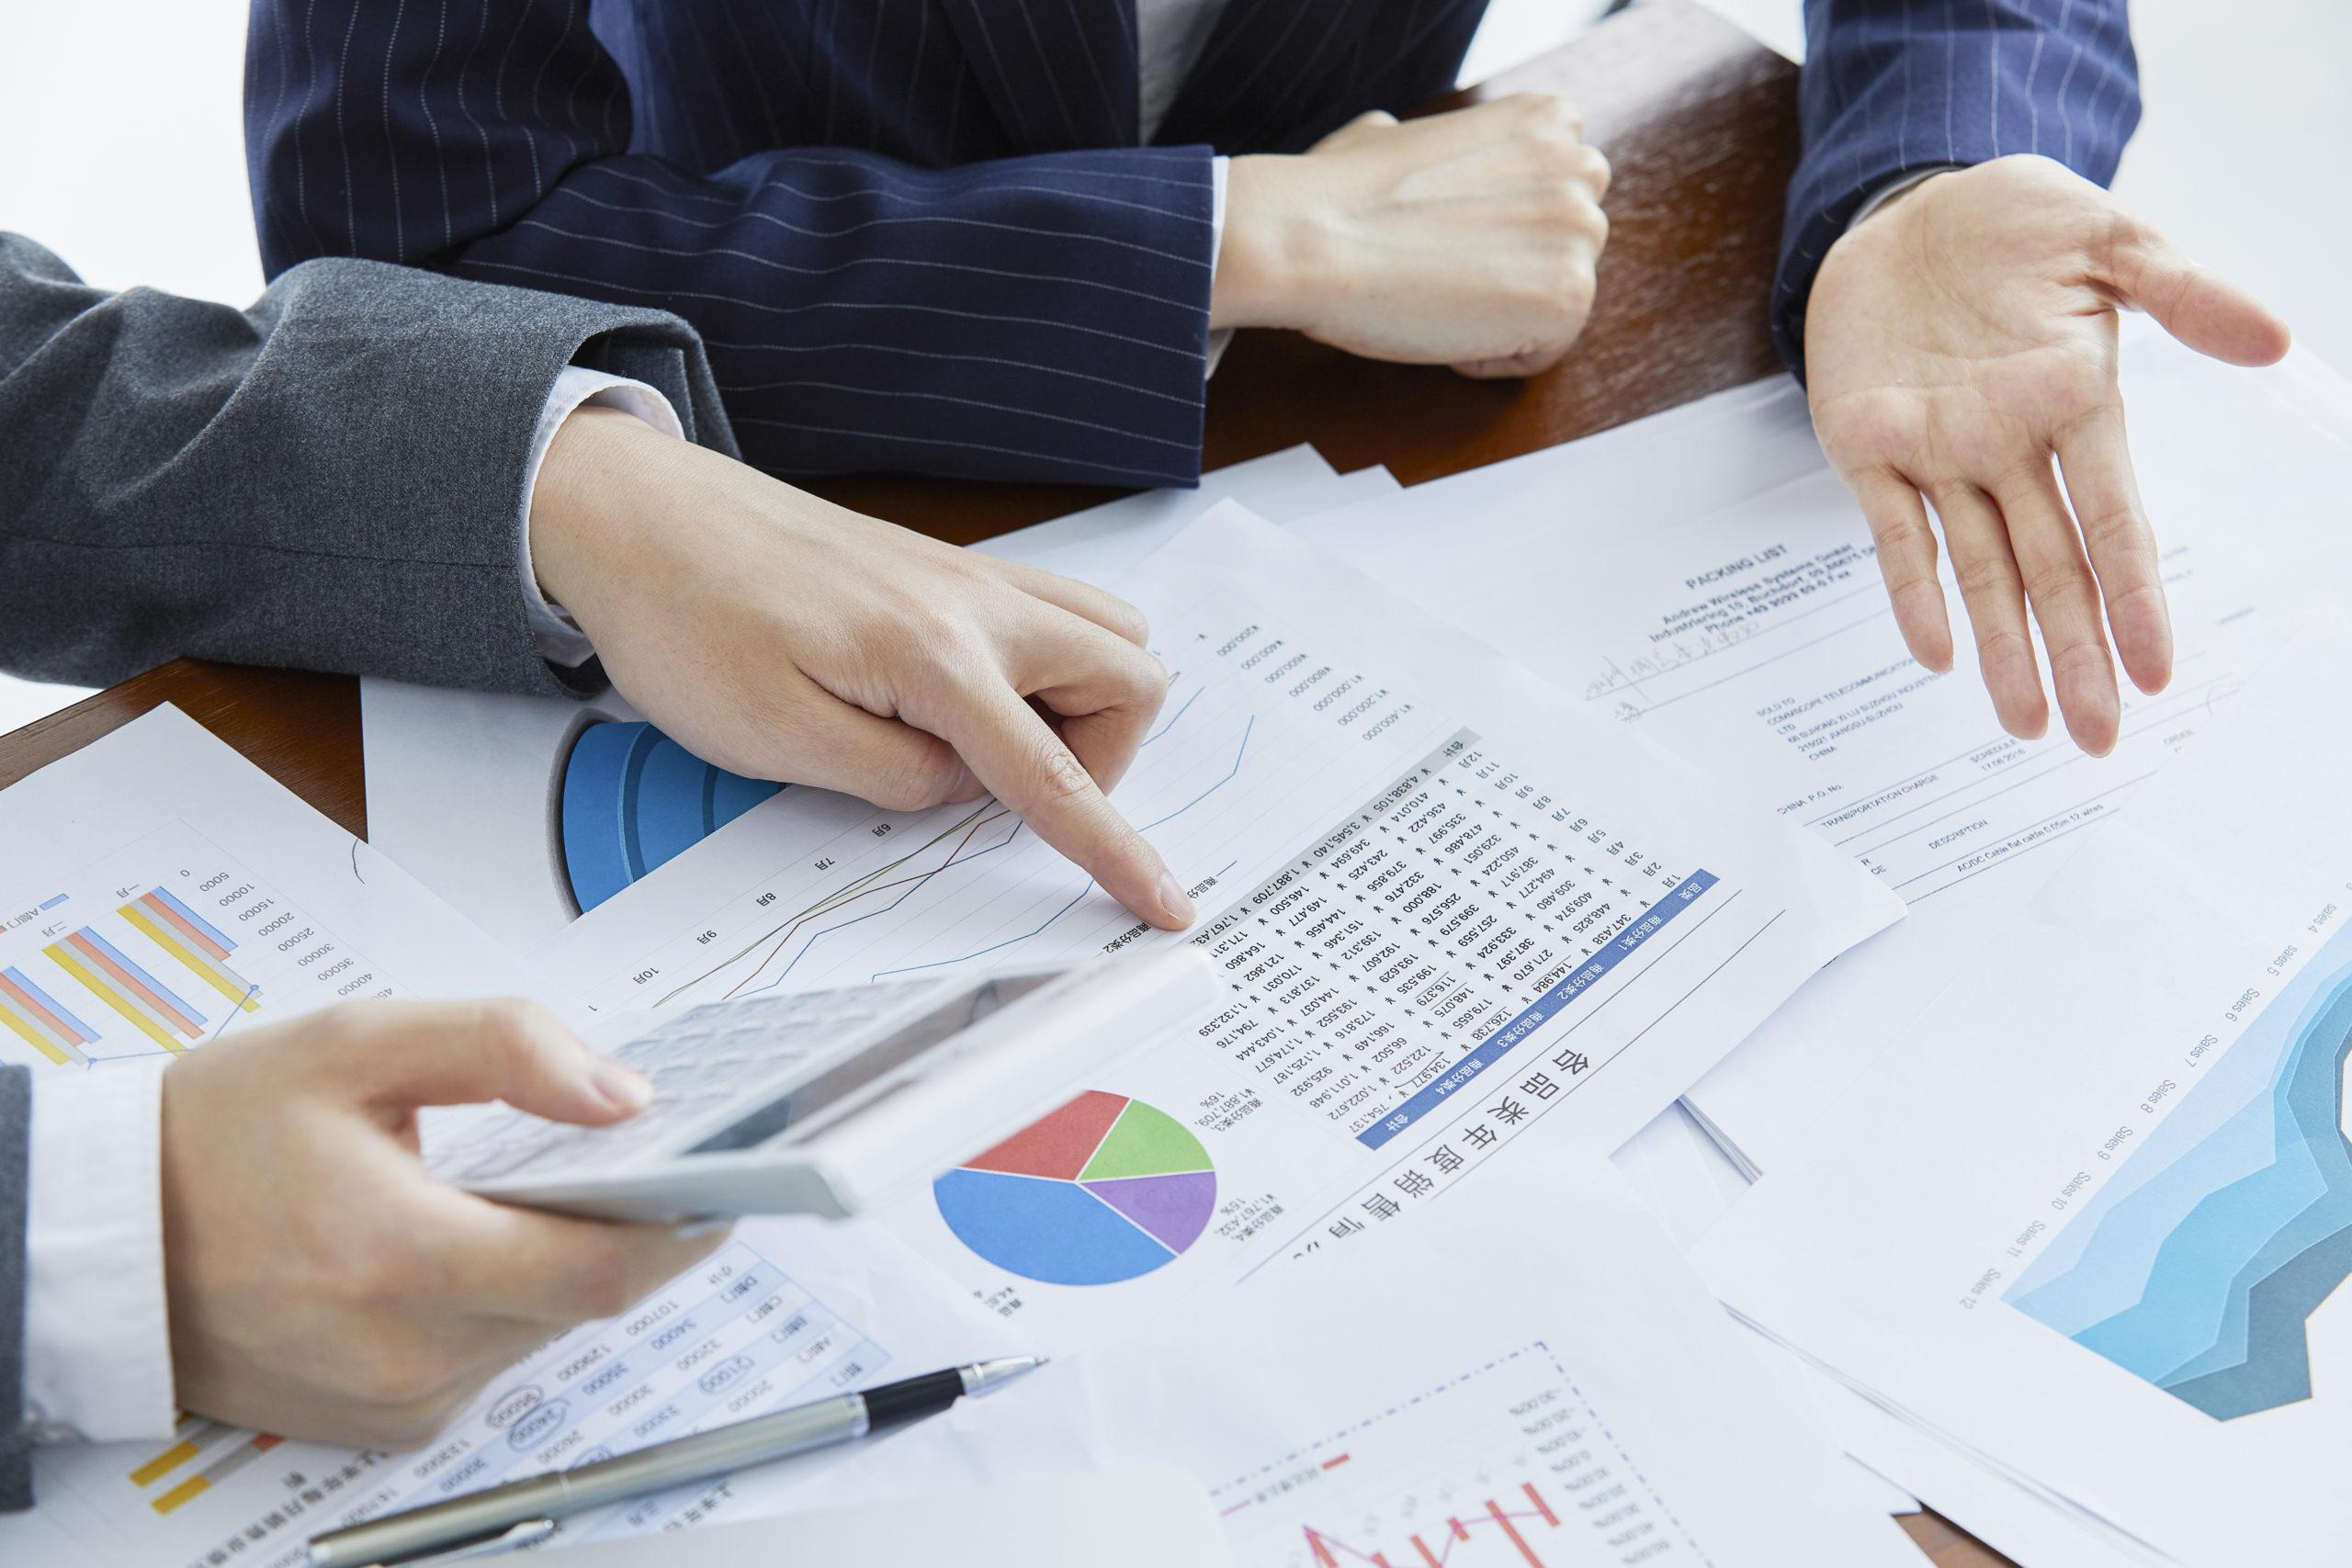 Chiến lược tài chính dành cho doanh nghiệp vừa và nhỏ03